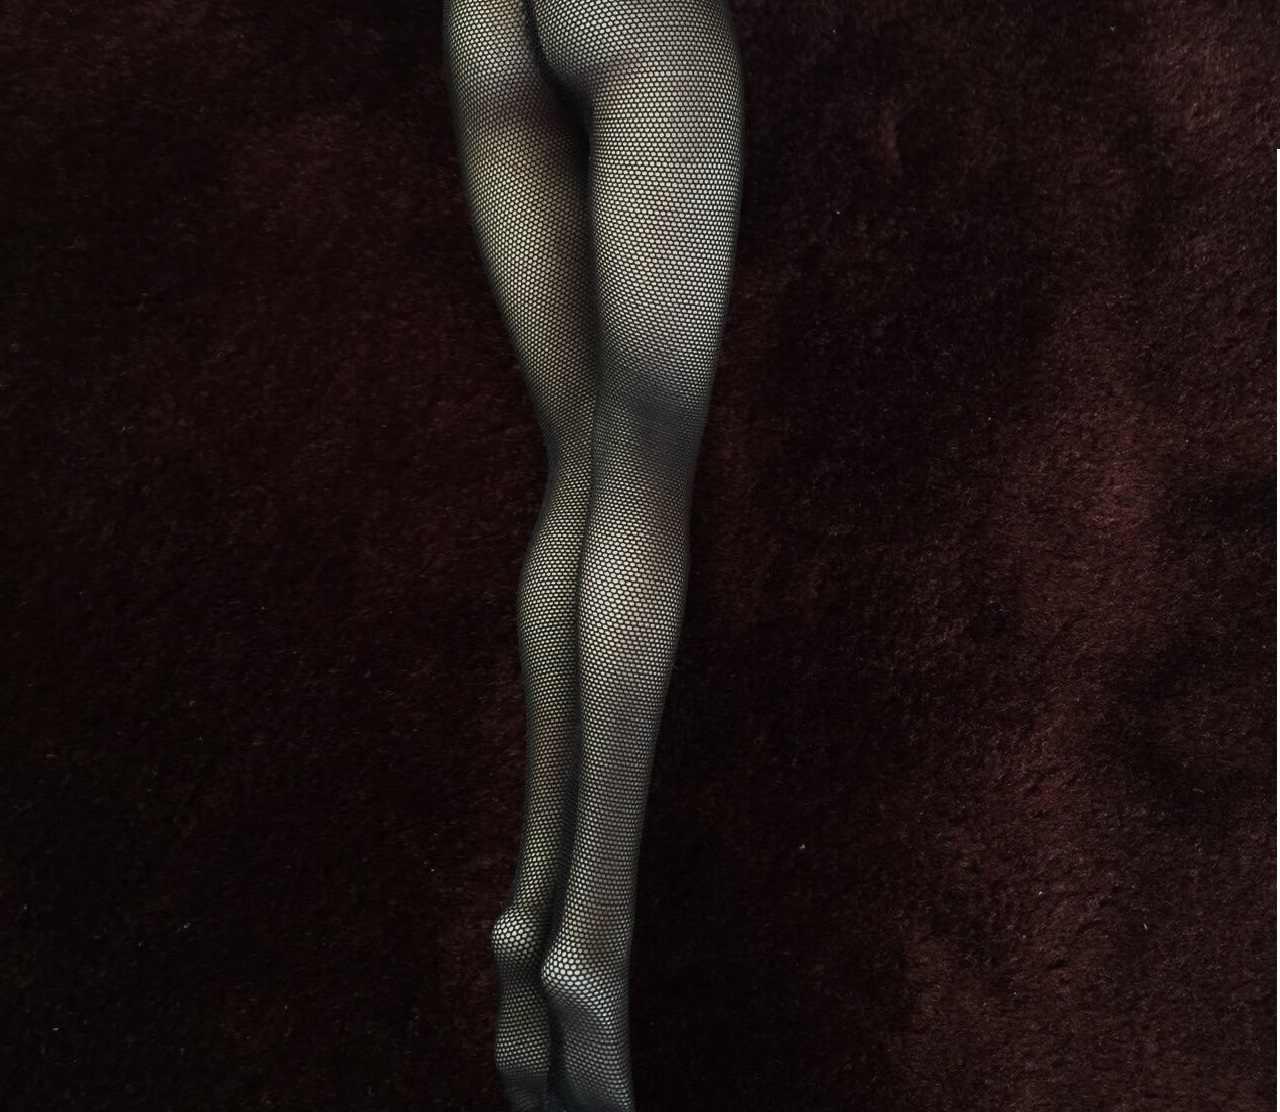 Biały 1/6 skala kobiet żołnierz rajstopy pończochy do ciała wysoki wzrost pończochy dla 12in Phicen Tbleague Hottoy lalki